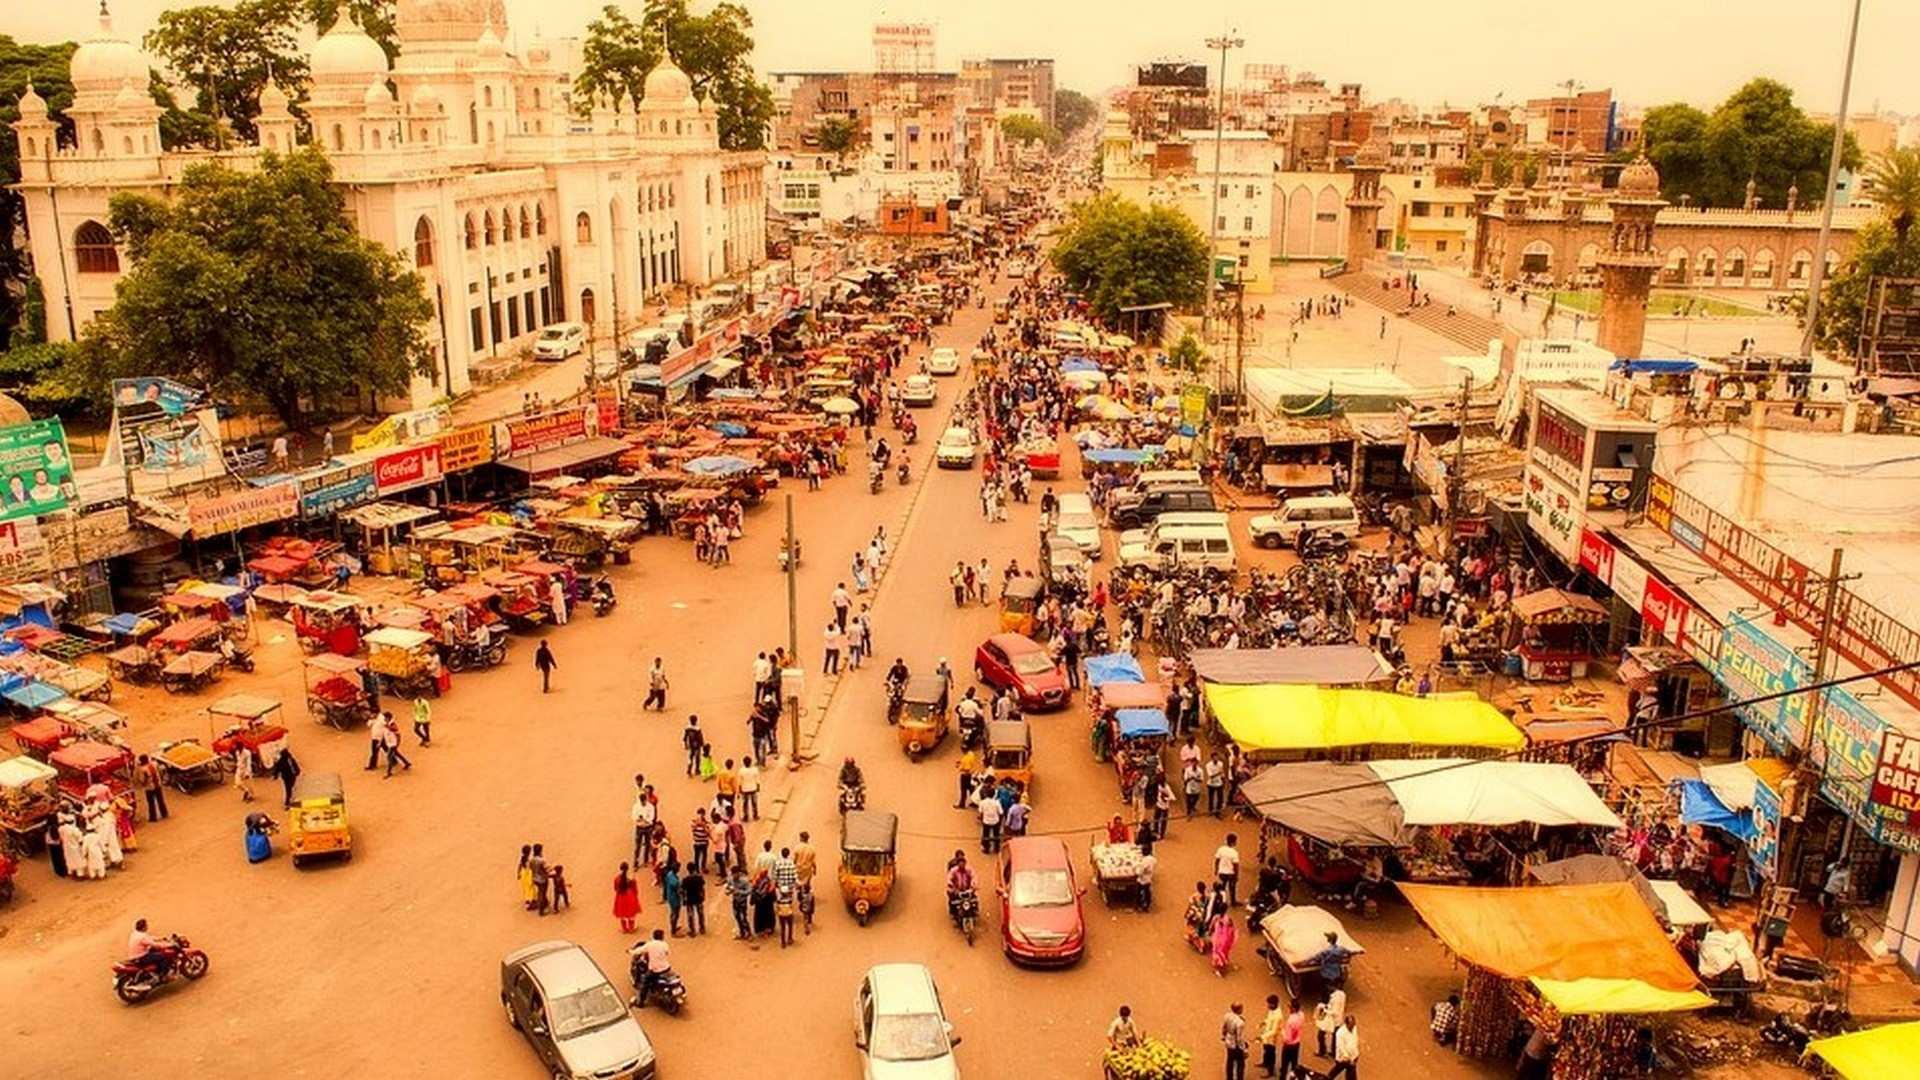 Uno de los grandes mercados de comida de La India